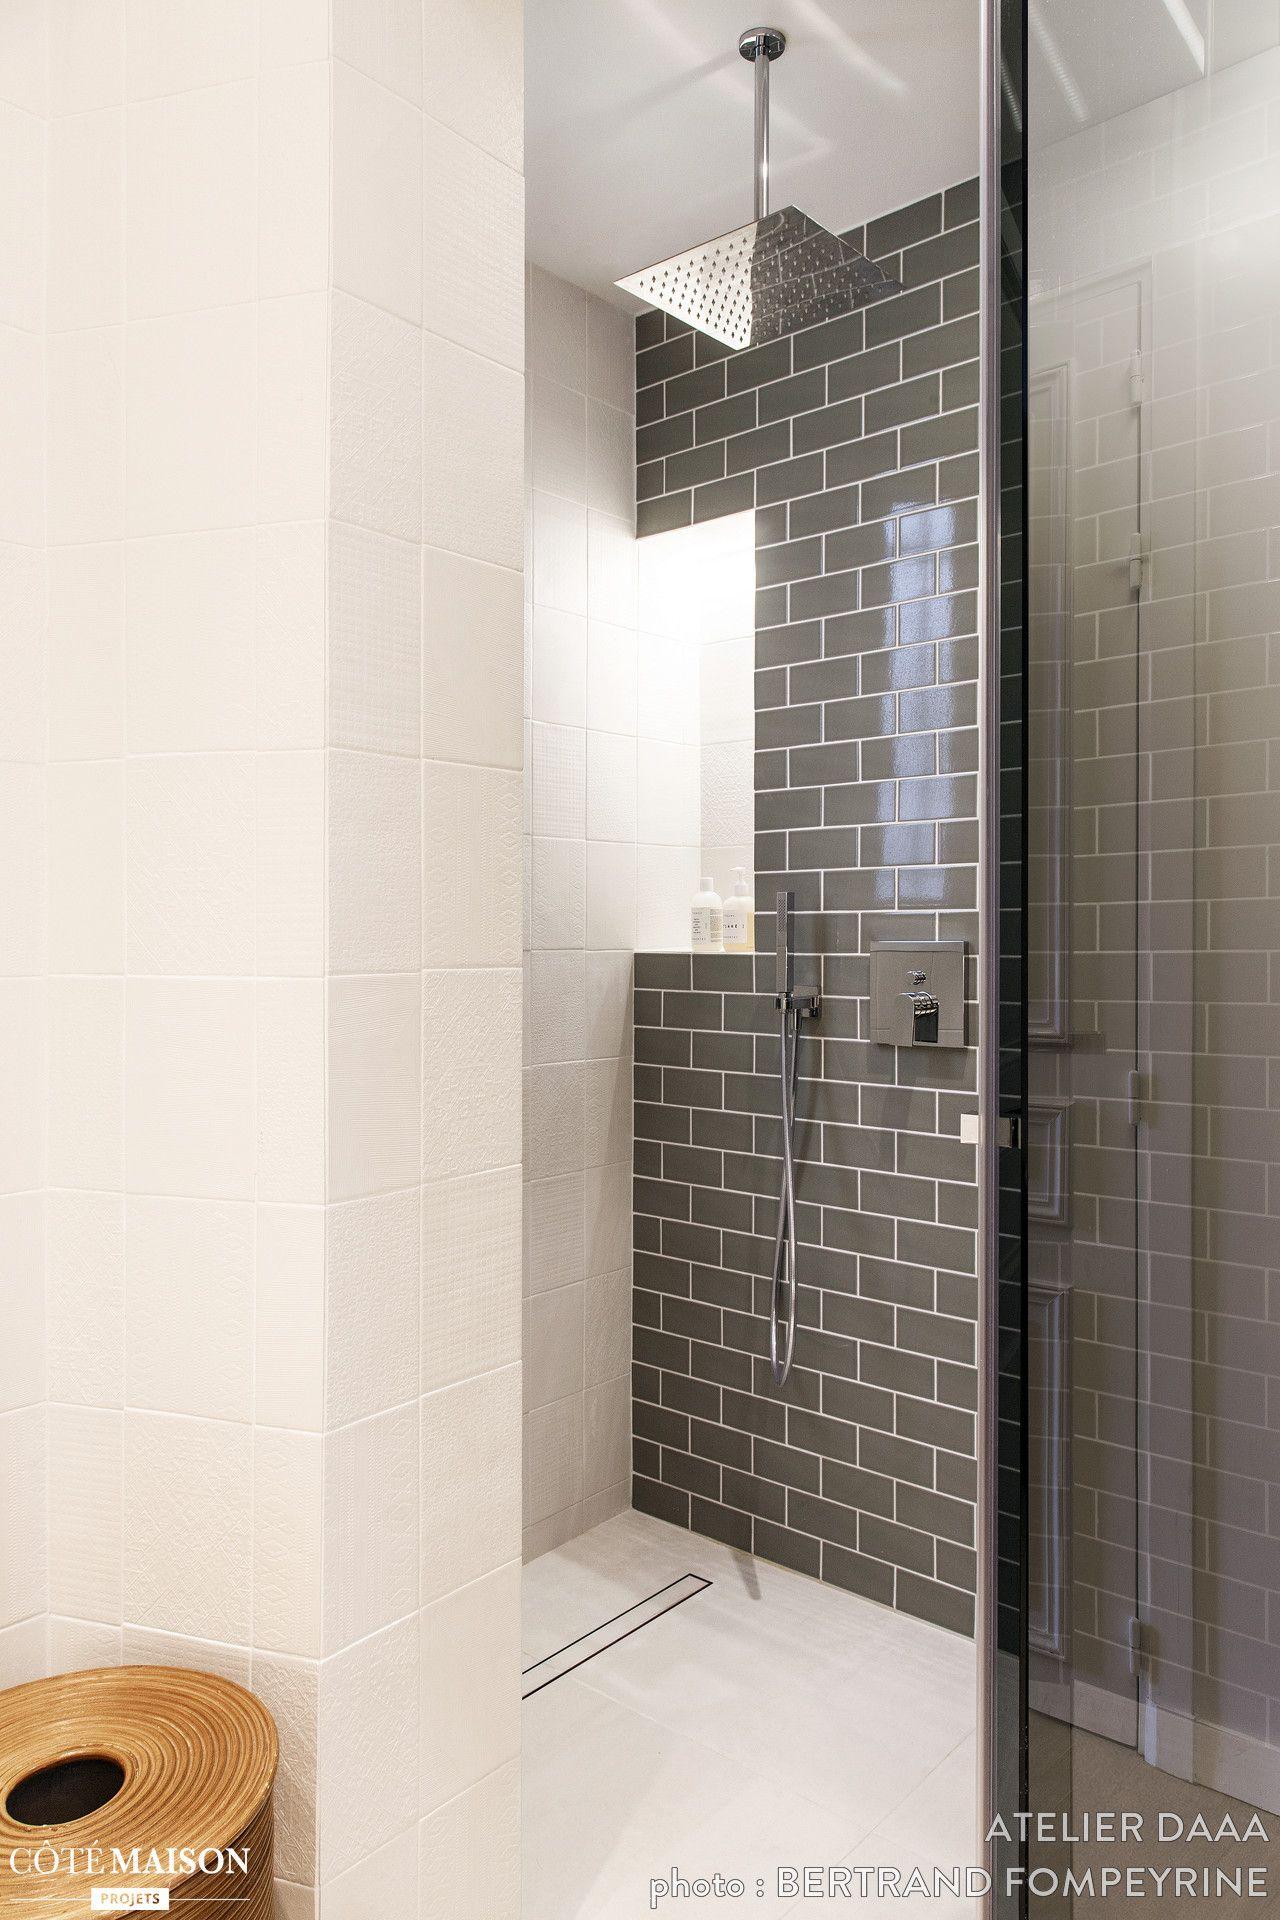 le coin douche a t habill de carrelage m tro dans la salle de bains maison de r ve par. Black Bedroom Furniture Sets. Home Design Ideas